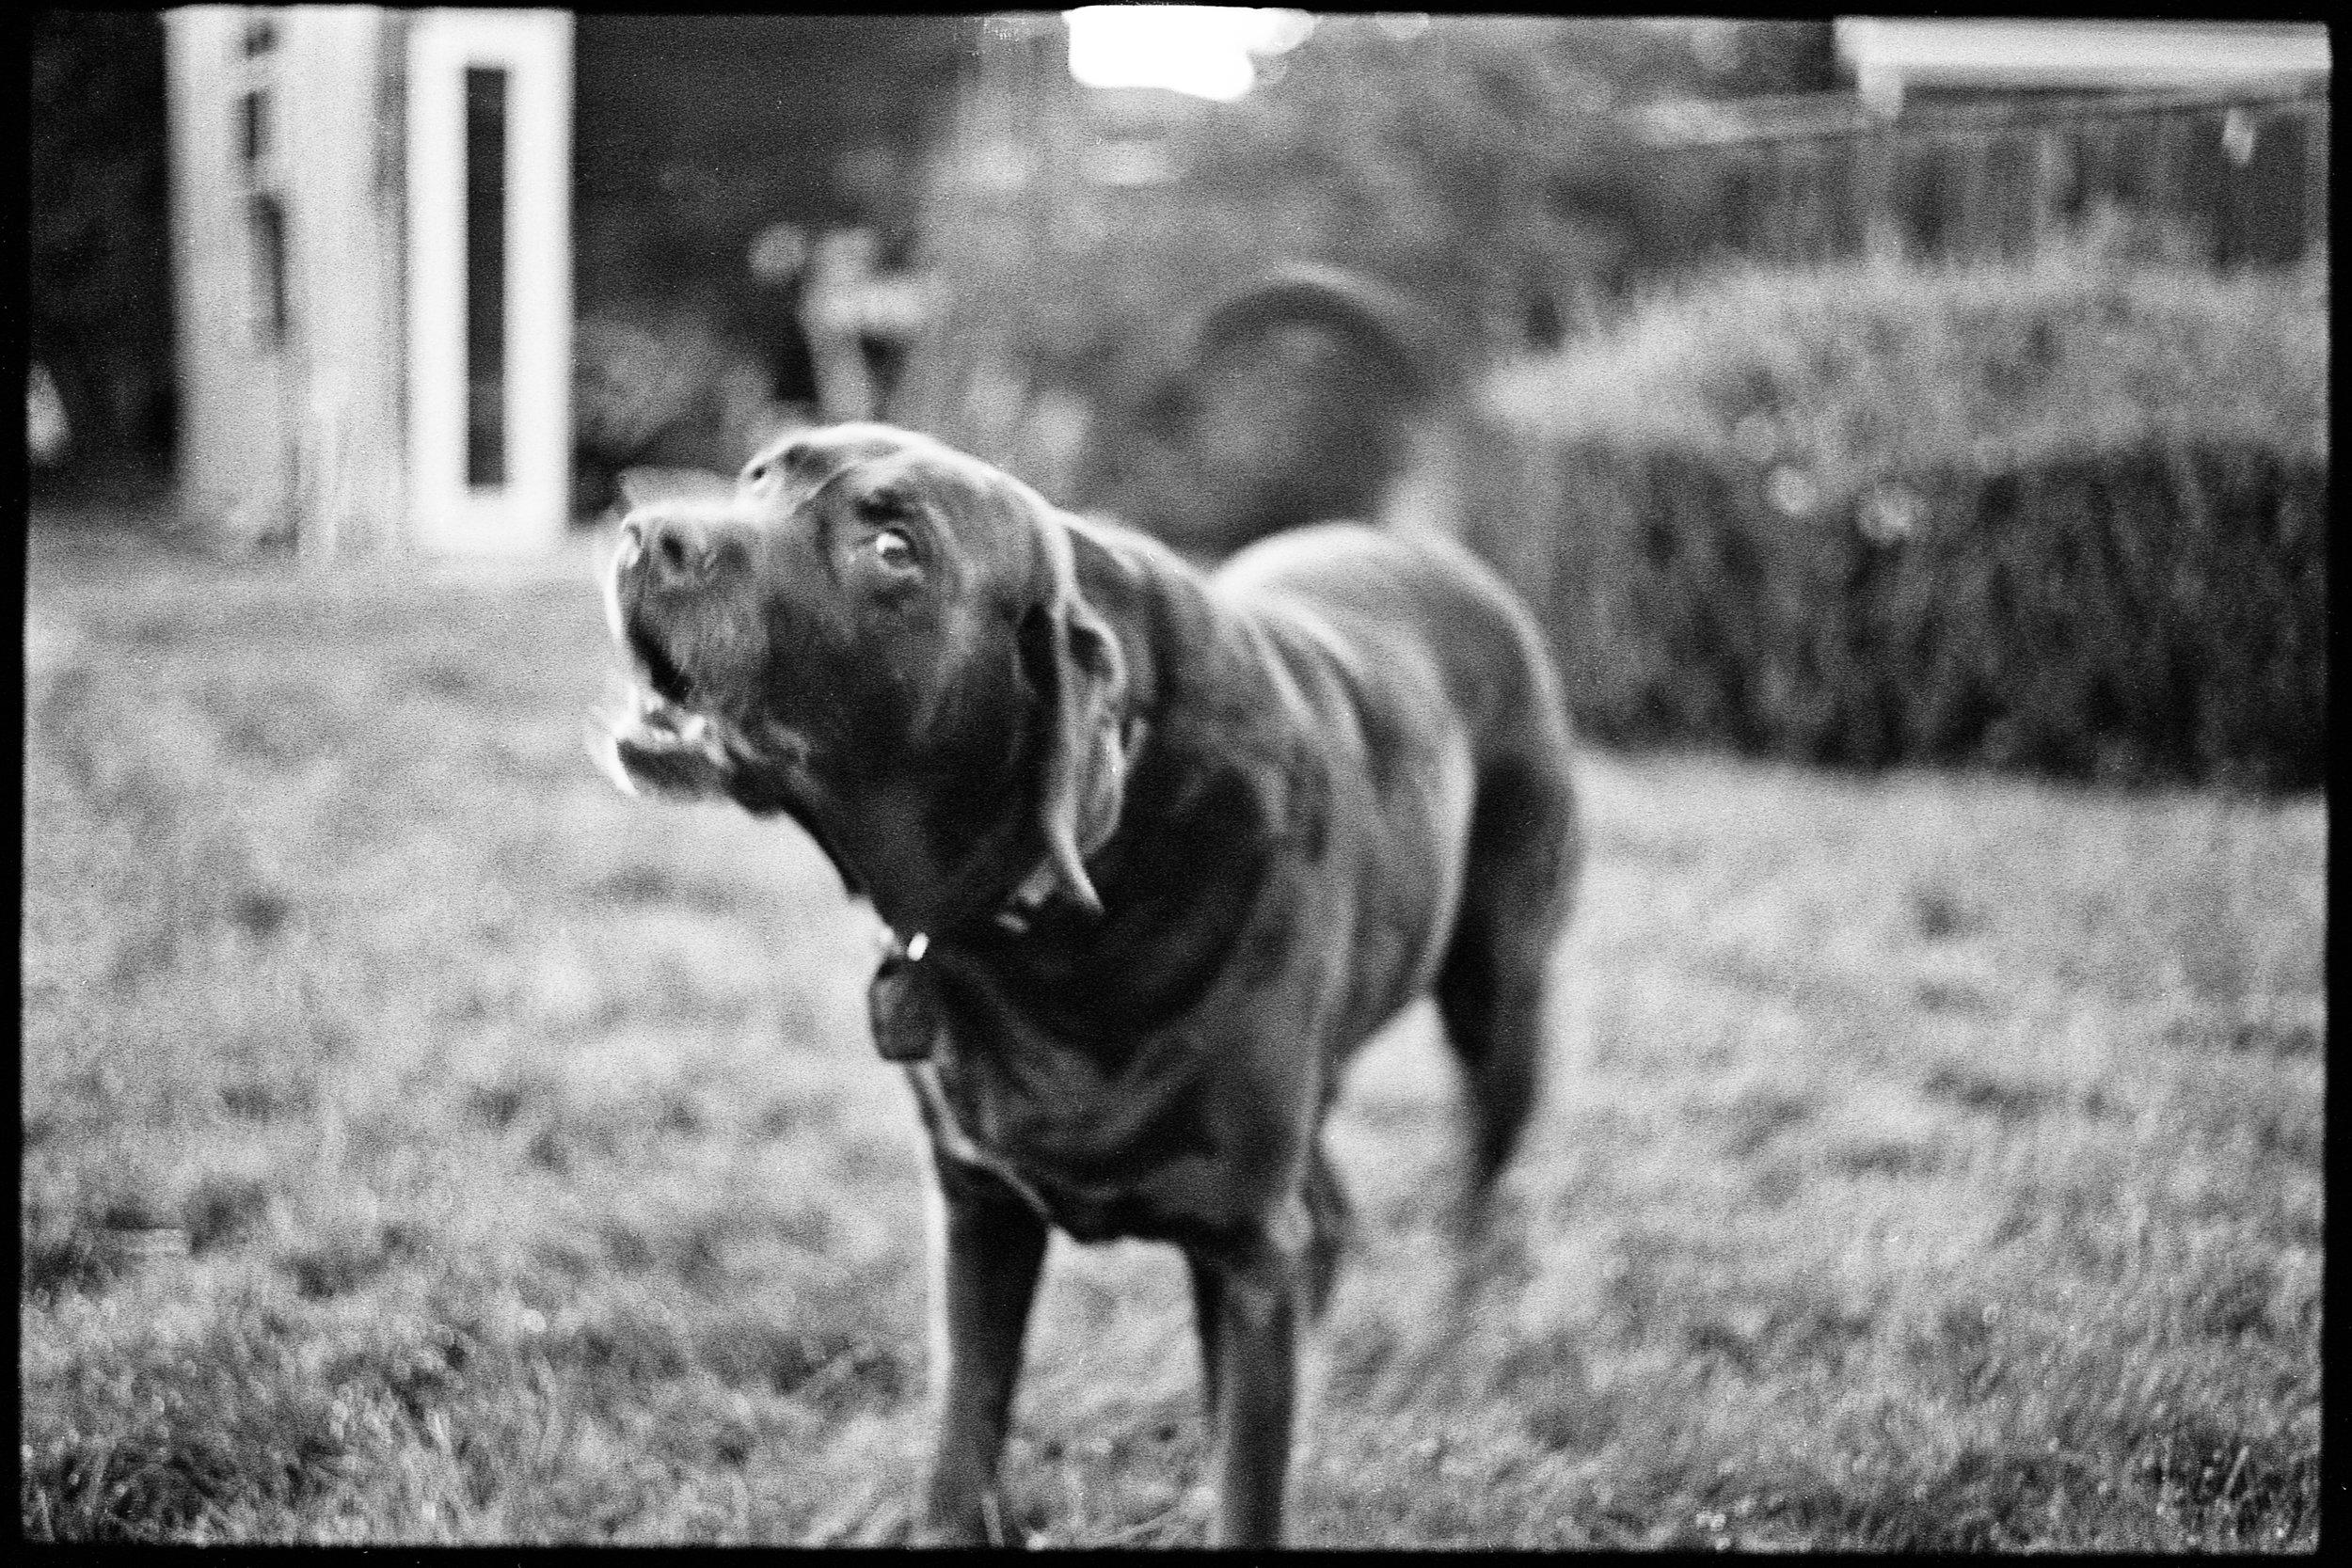 a_dogs_life-7.jpg